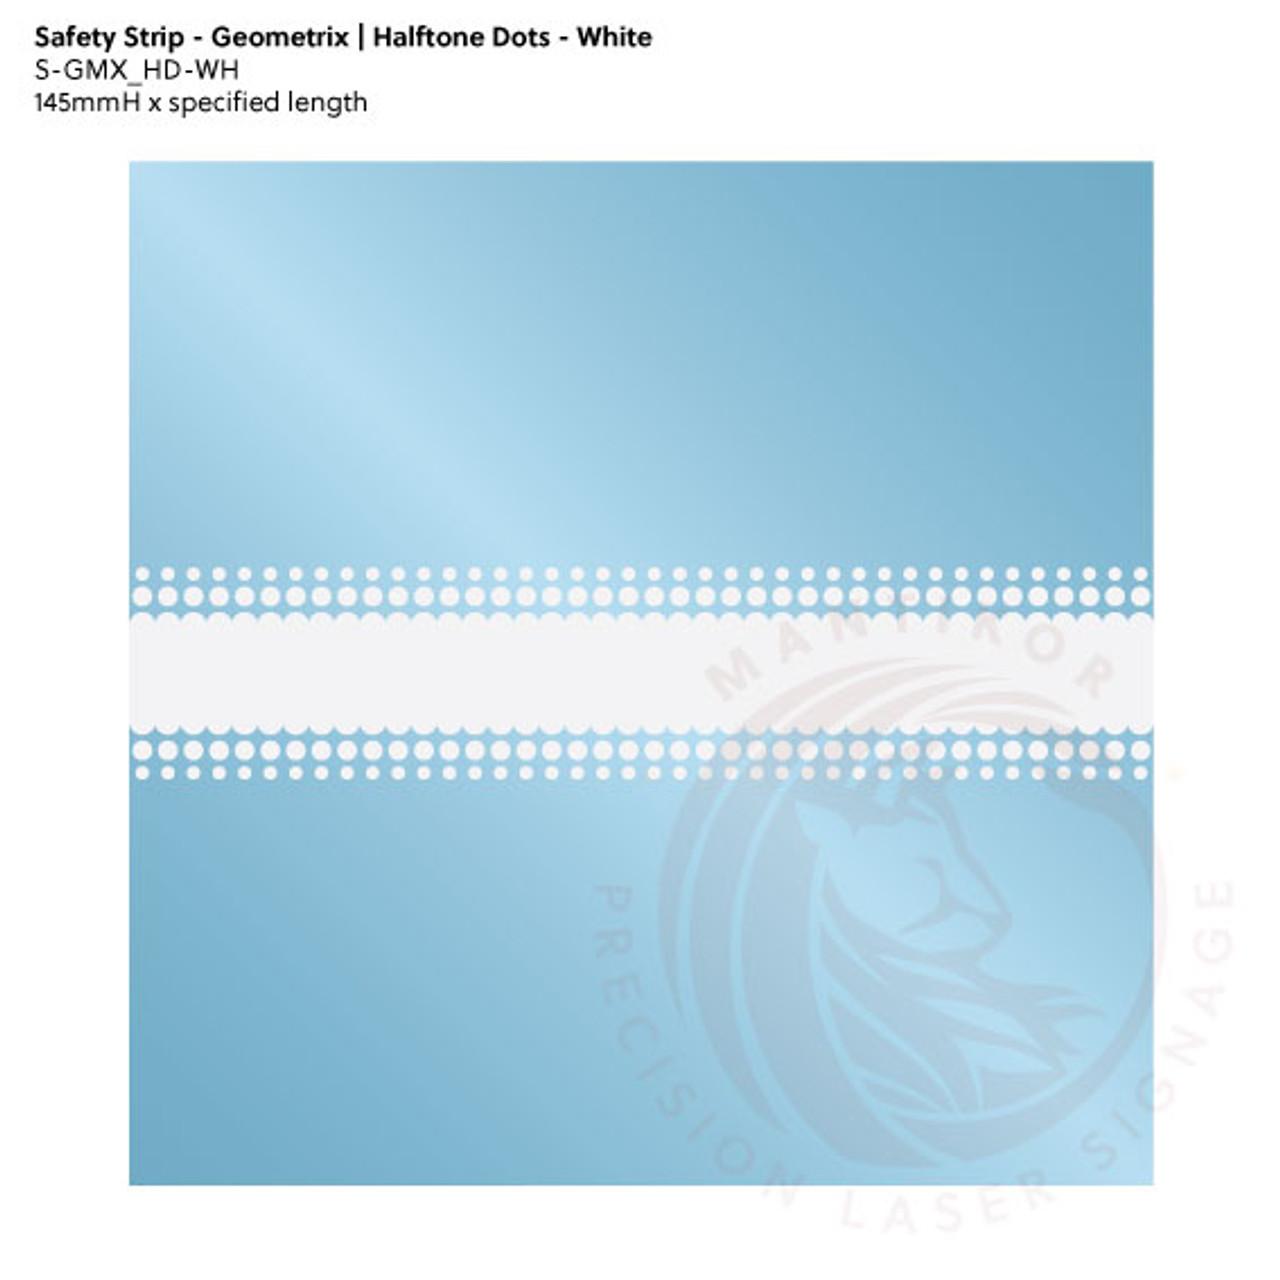 Visibility Strip - Geometrix   Halftone Dots - White